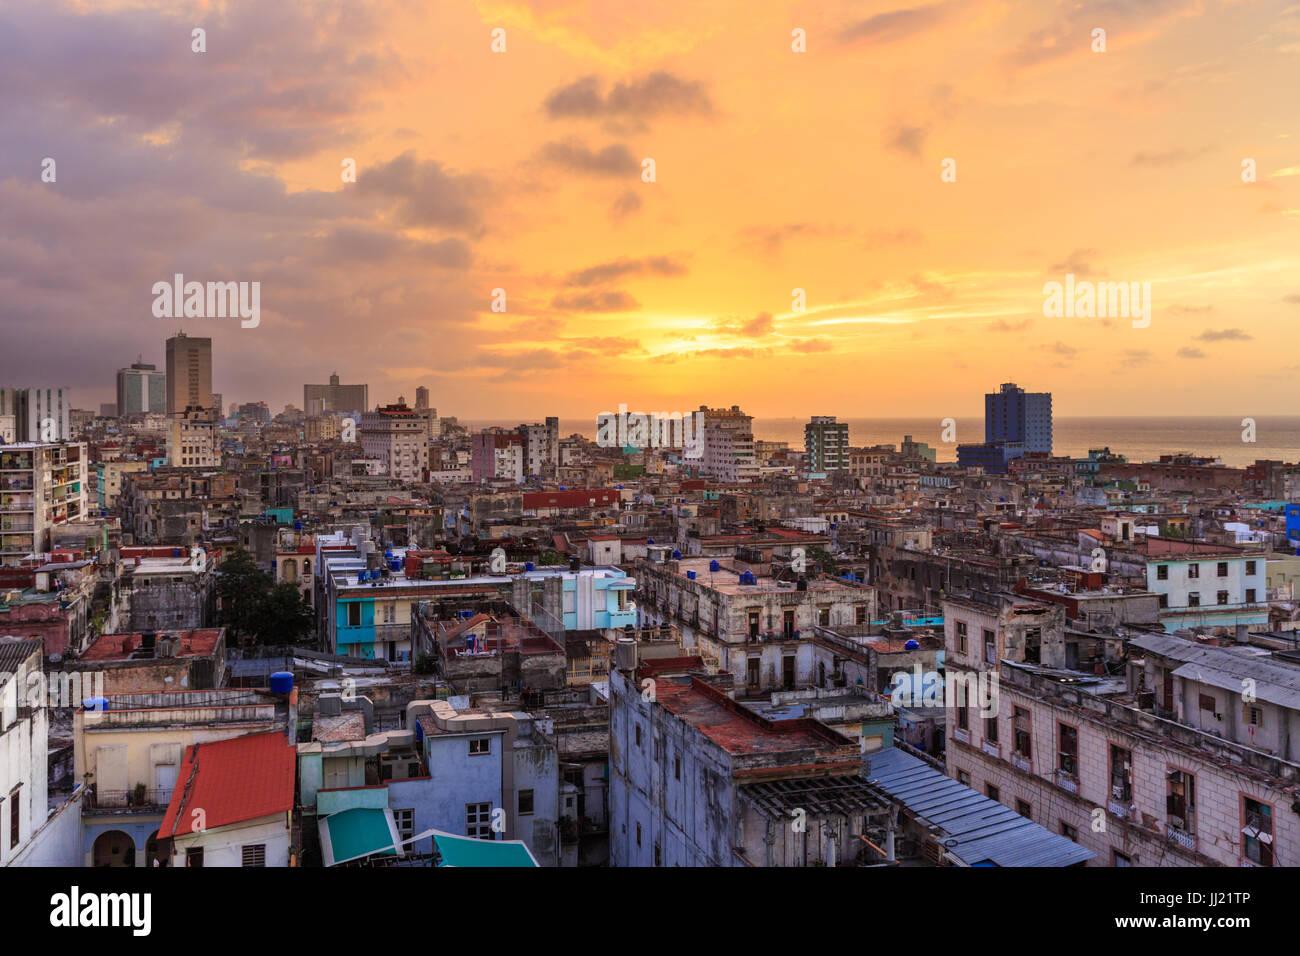 Coucher de soleil sur la vieille Havane, La Habana Vieja, au-dessus de la vieille ville historique de vue sur le Photo Stock